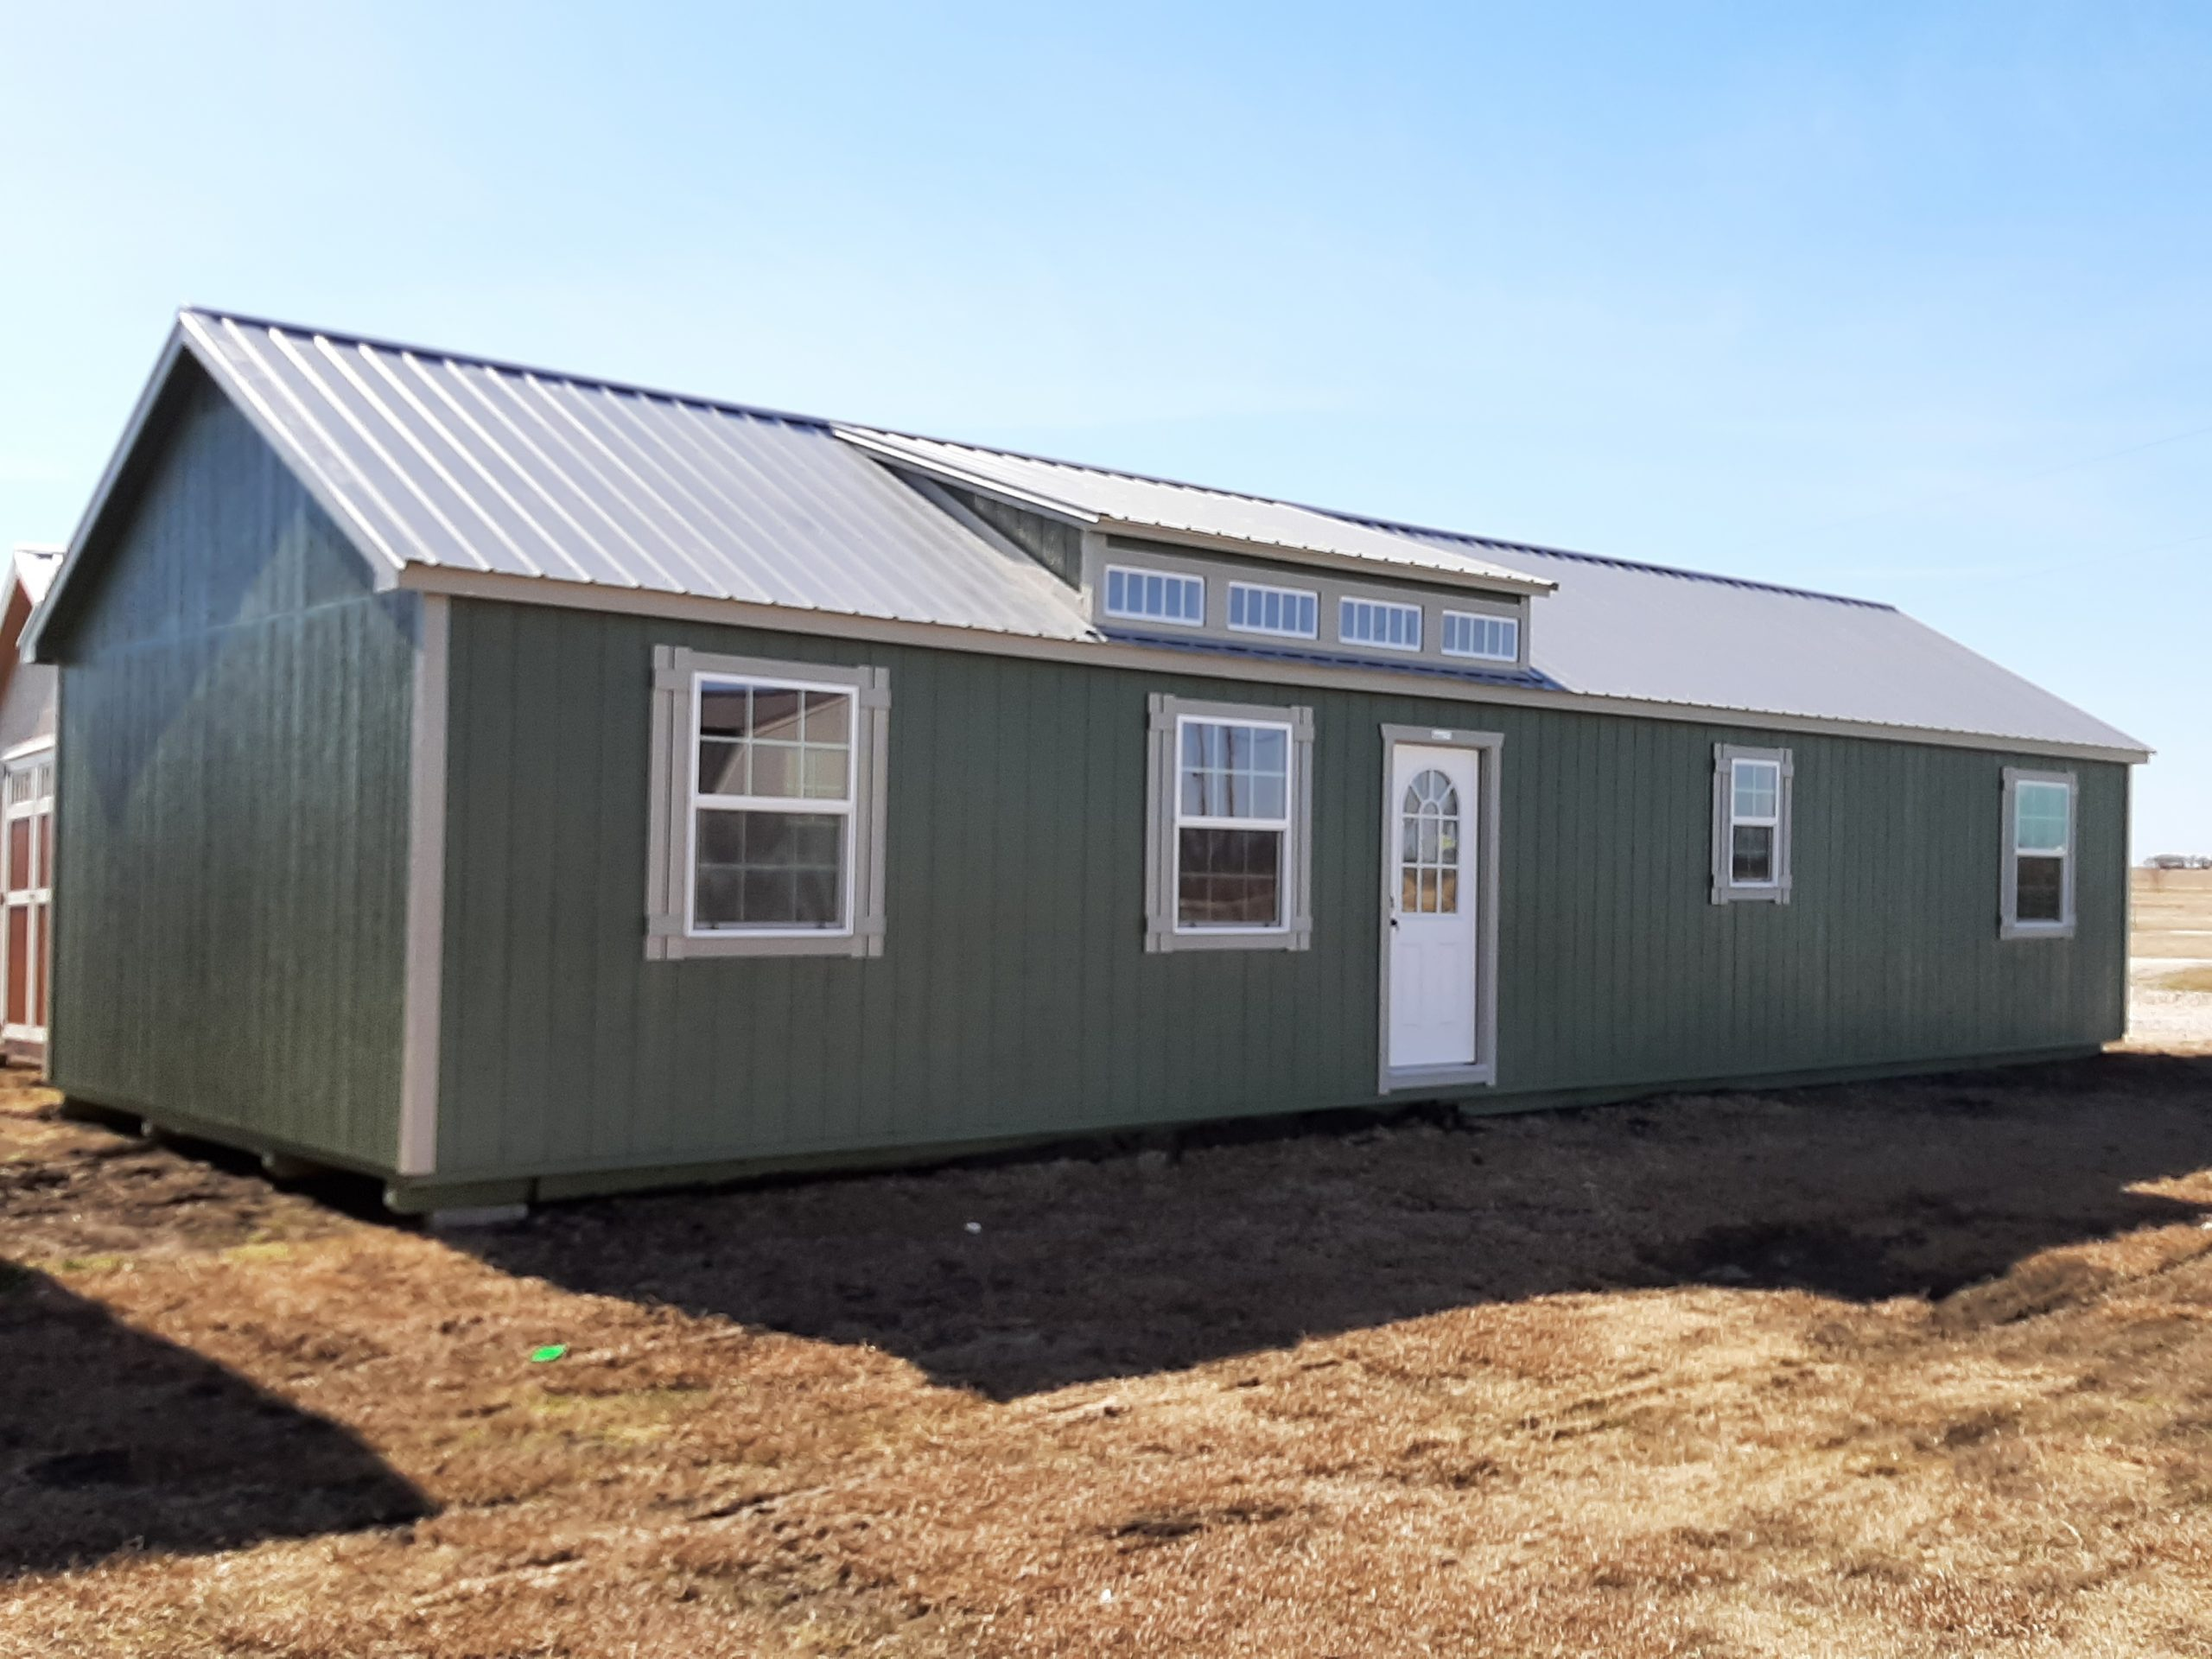 16x52 Dormer Cabin #1786 Image